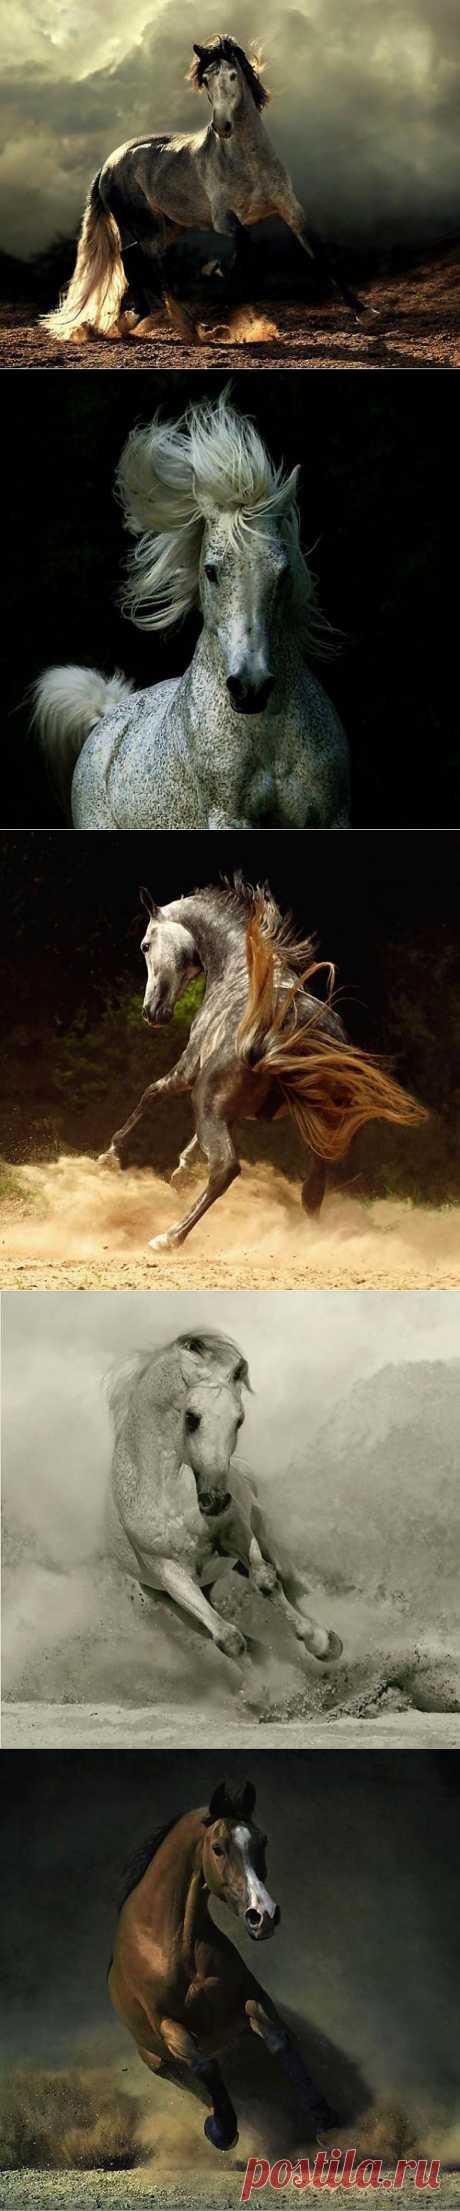 Красота и грация лошадей...